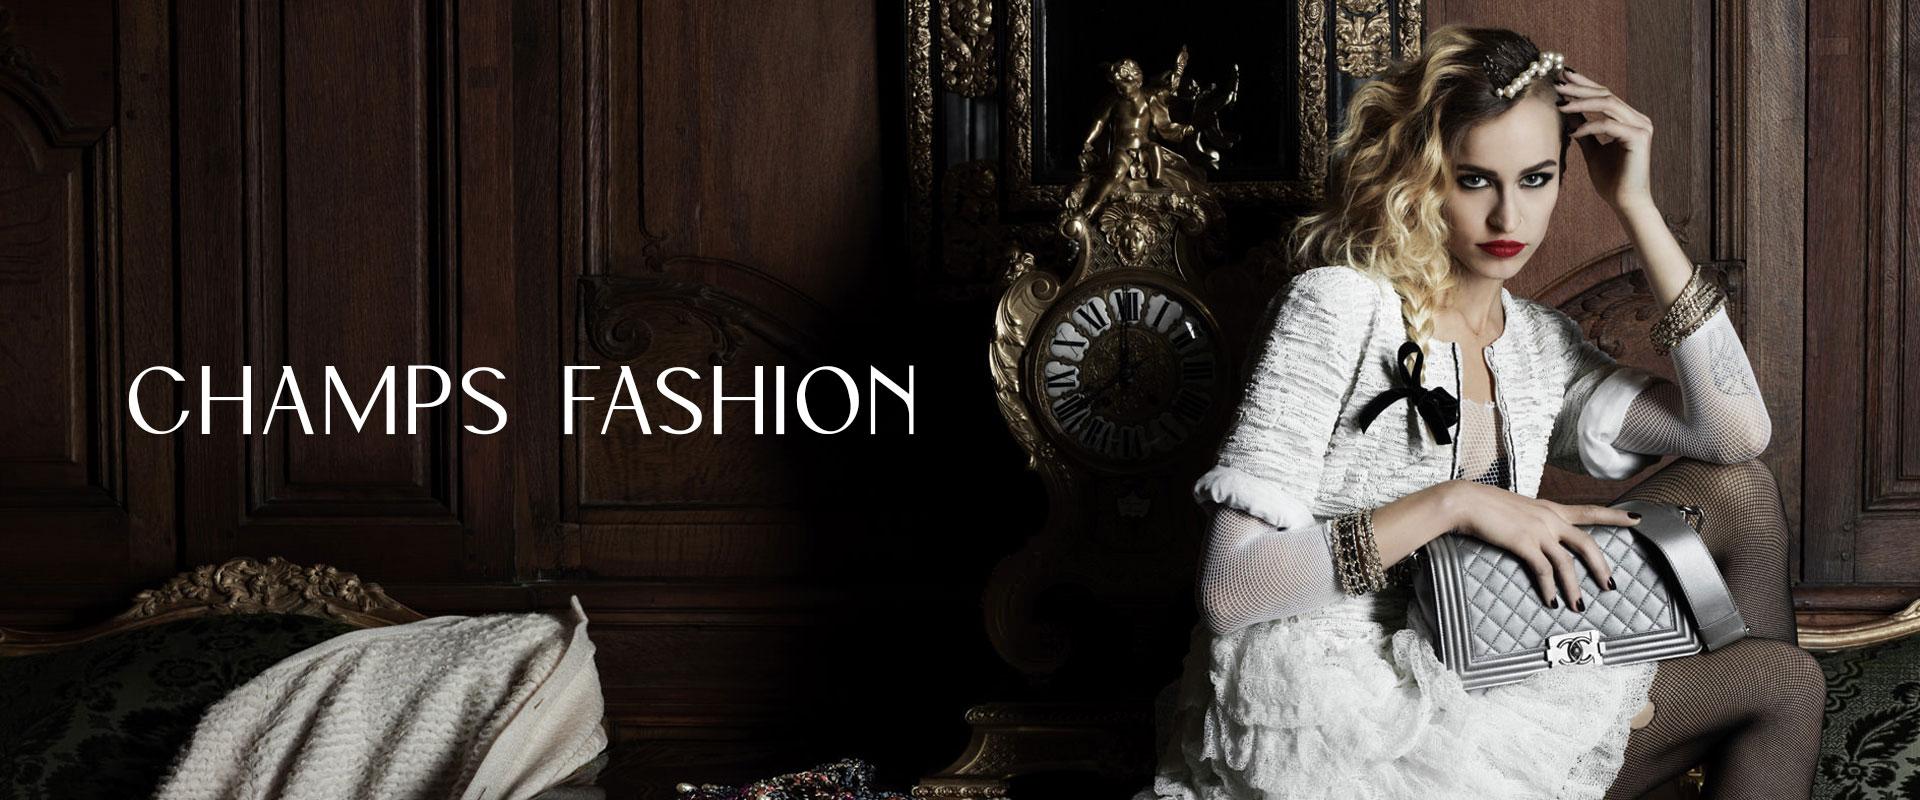 Champs Fashion - Thời Trang Hàng Hiệu